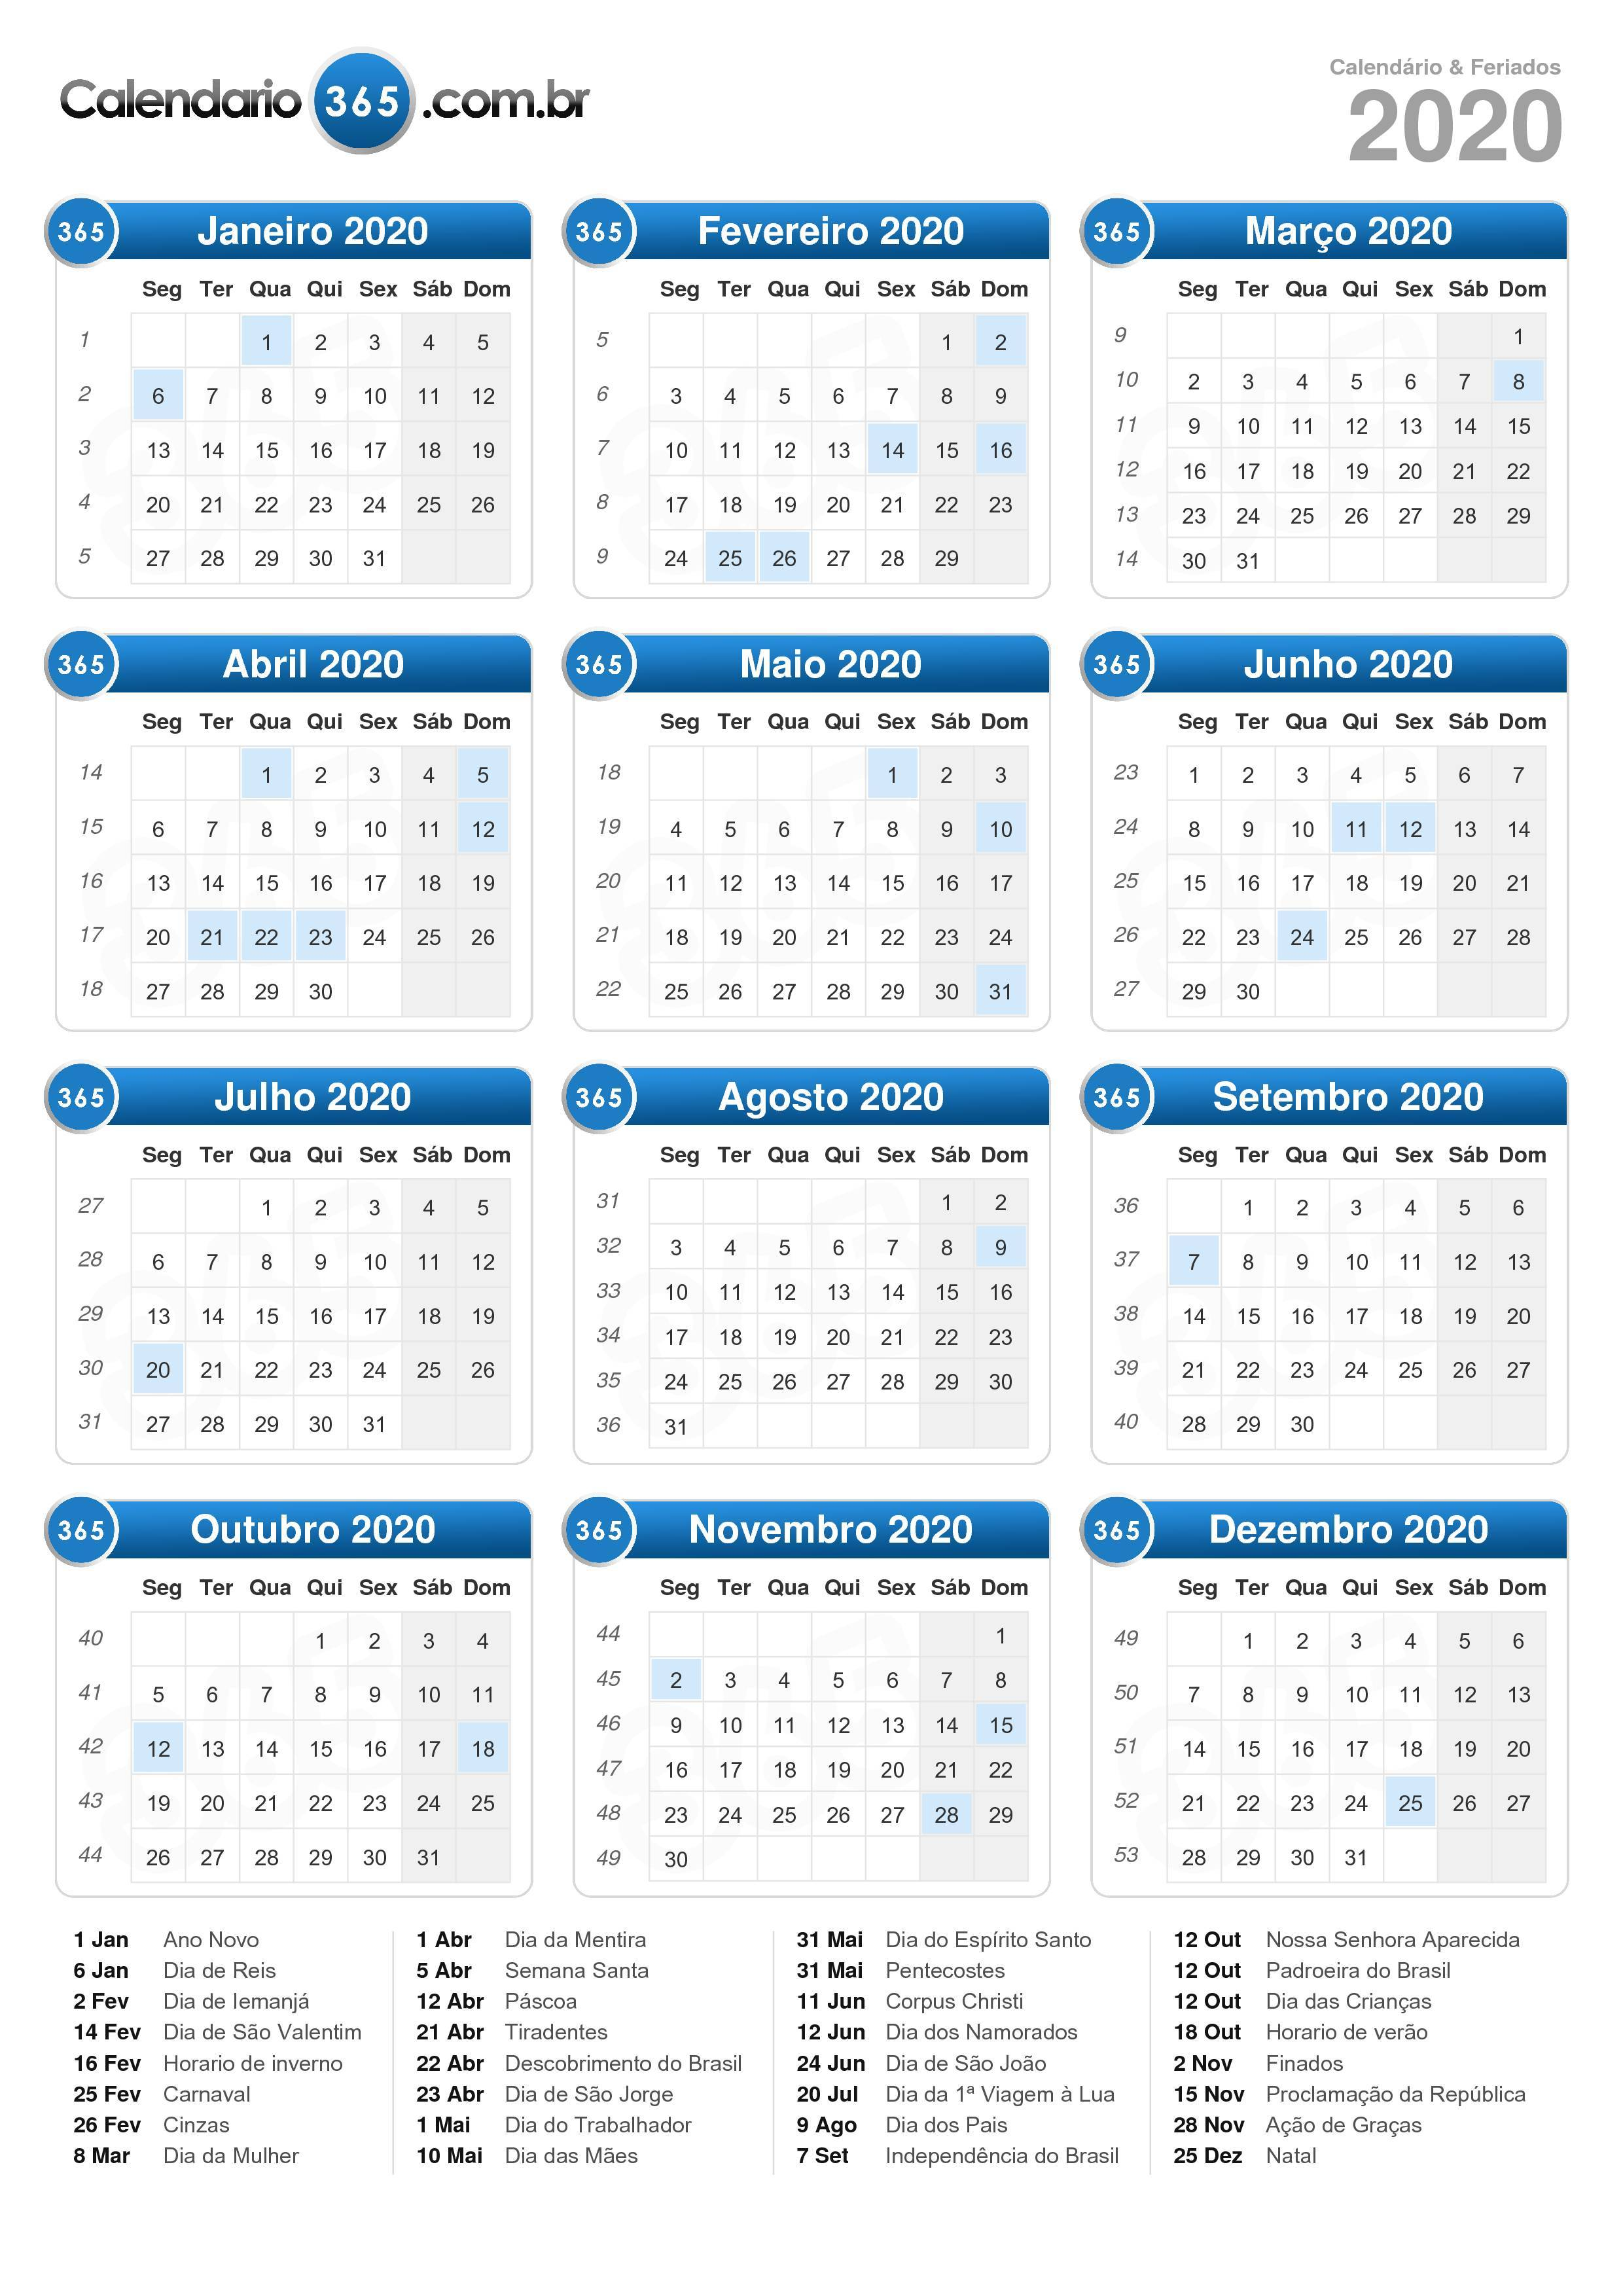 Calendario De 2020 Completo.Calendario 2020